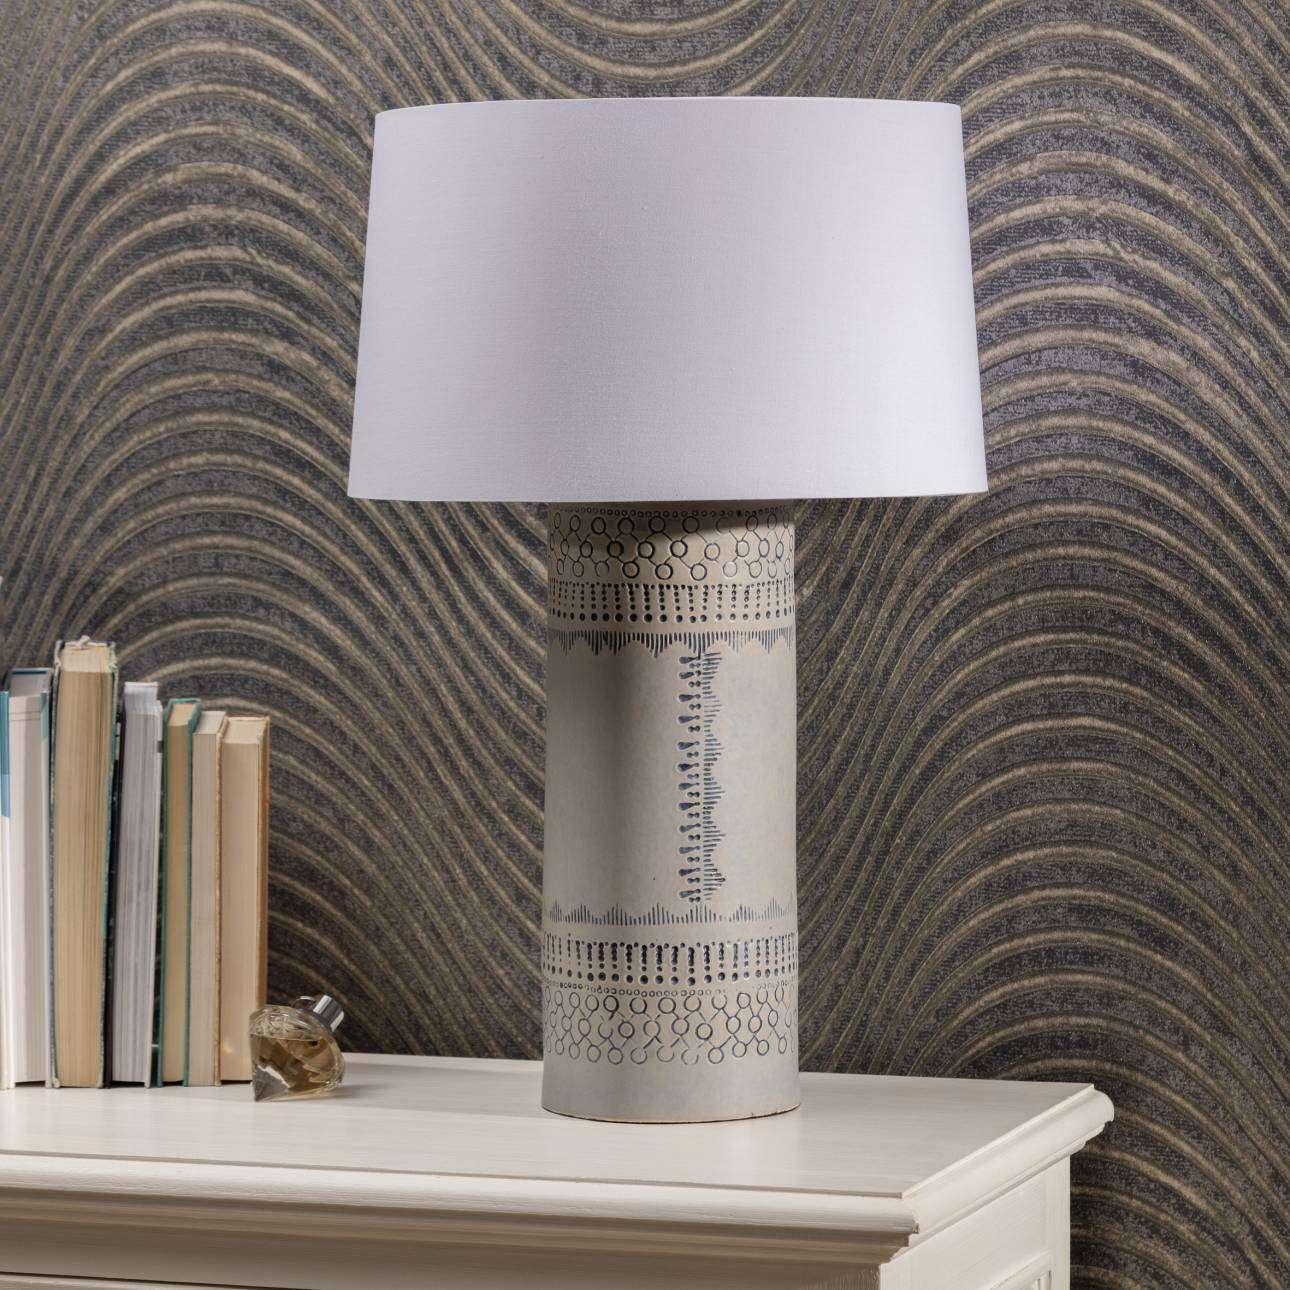 Lampa stołowa Anza wys. 56cm